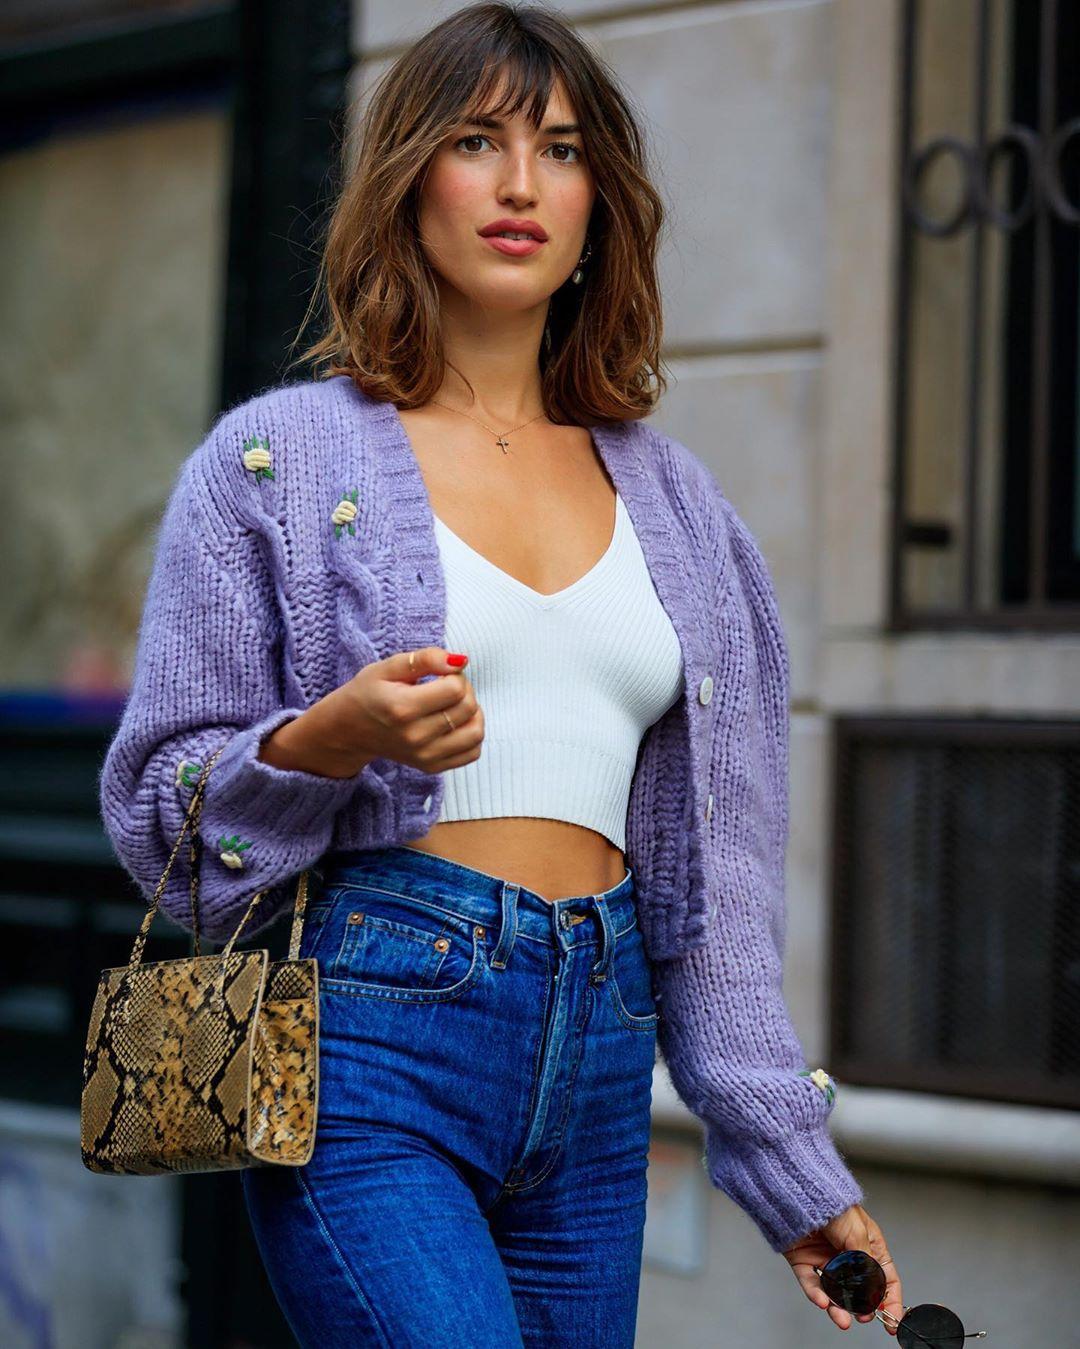 trang phục tham dự new york fashion week của Jeanne Damas